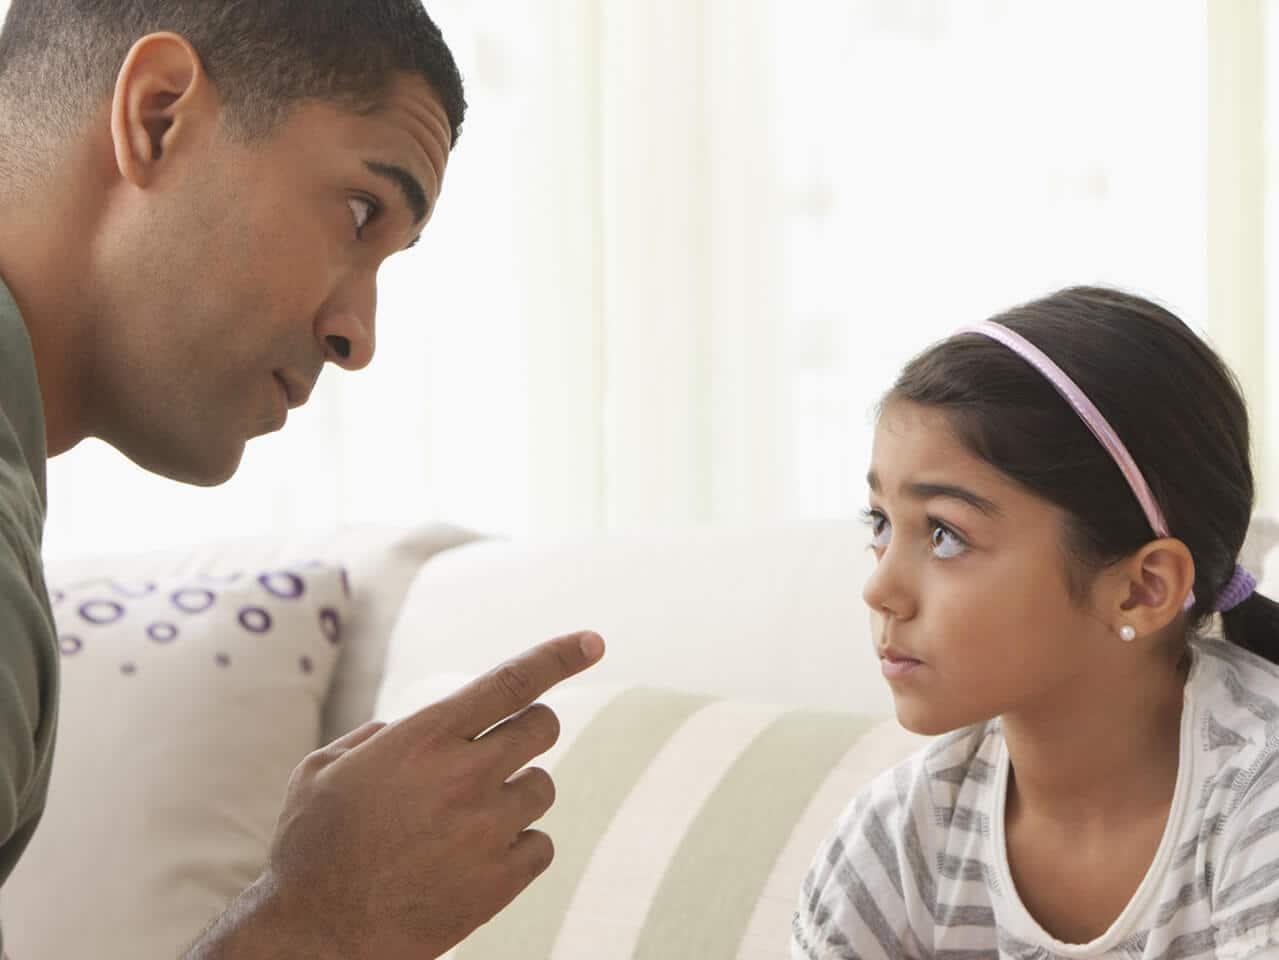 Cinco dicas de como lidar com crianças desobedientes e agressivas.